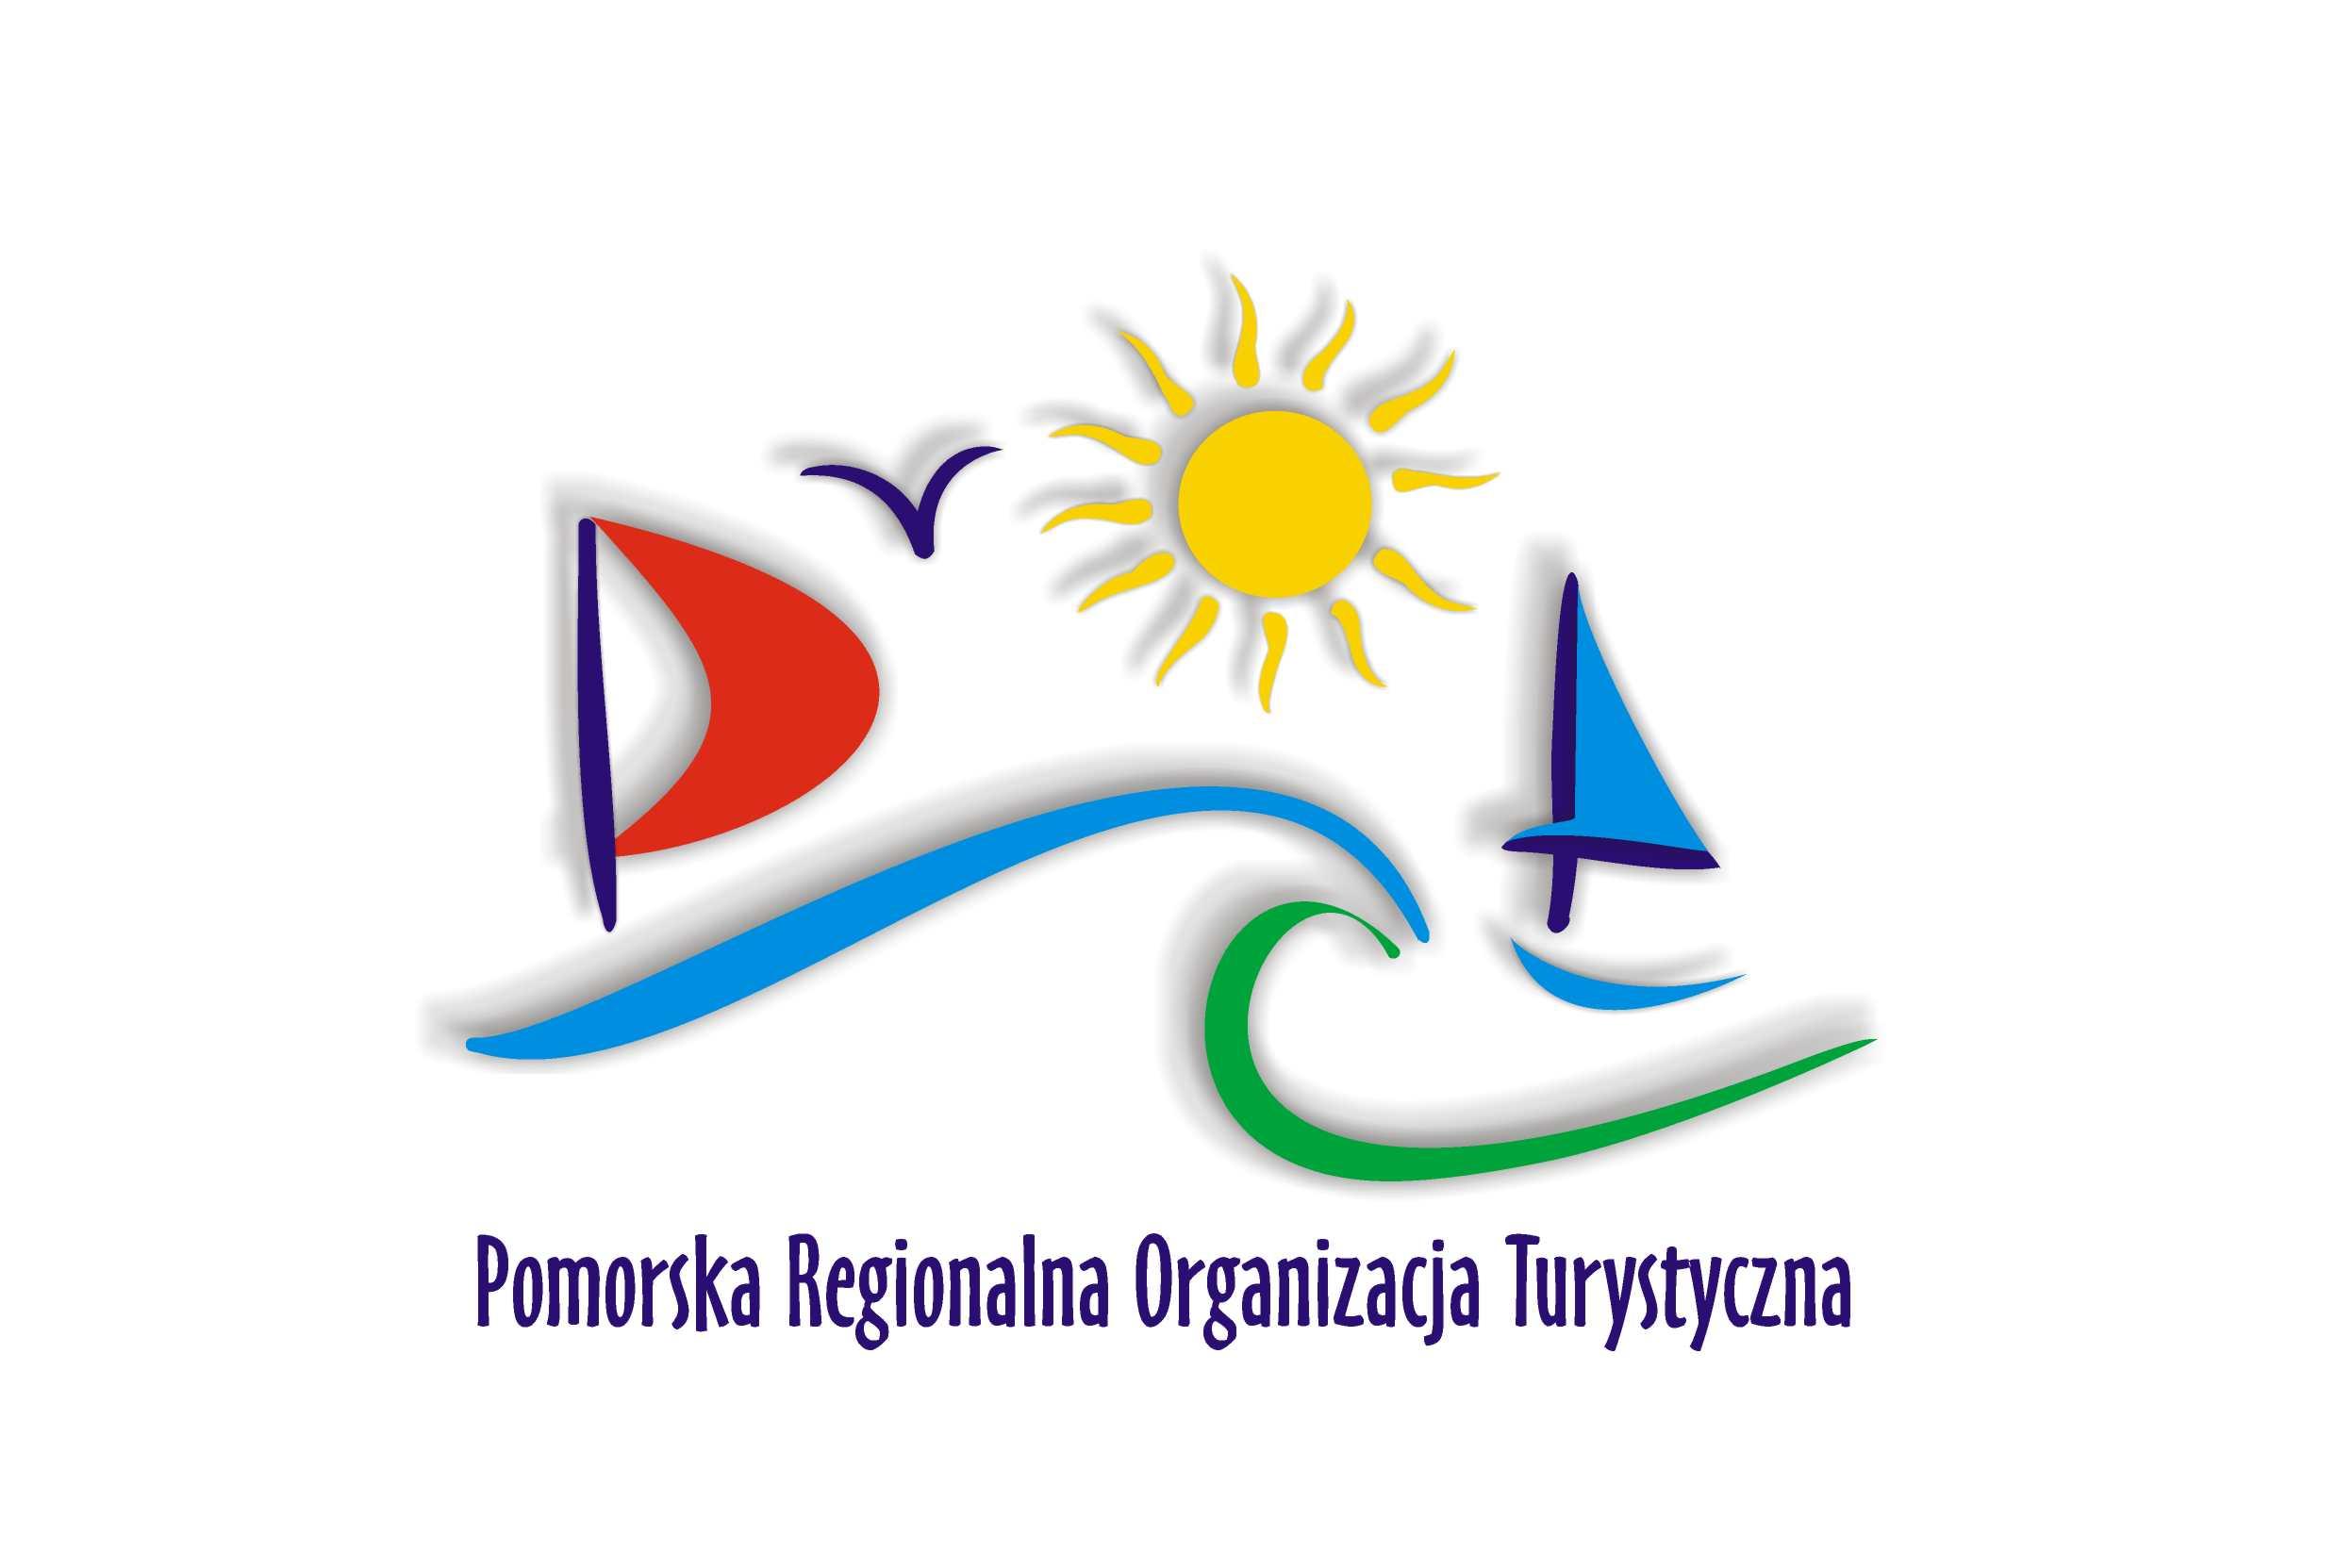 Pomorska Regionalna Organizacja Turystyczna